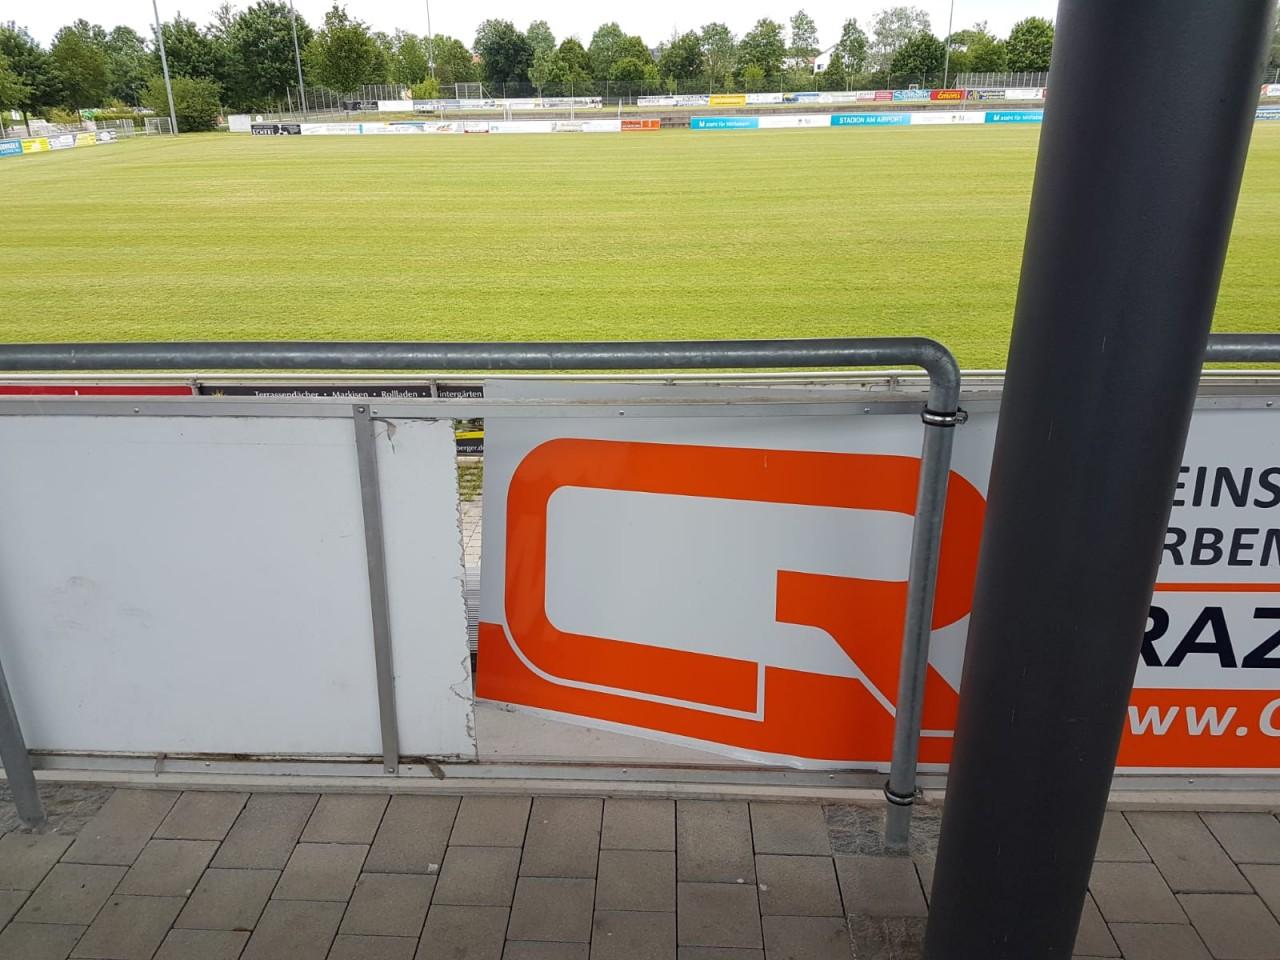 Mutwillige Zerstörungen im Sportpark: Wer macht denn so etwas?